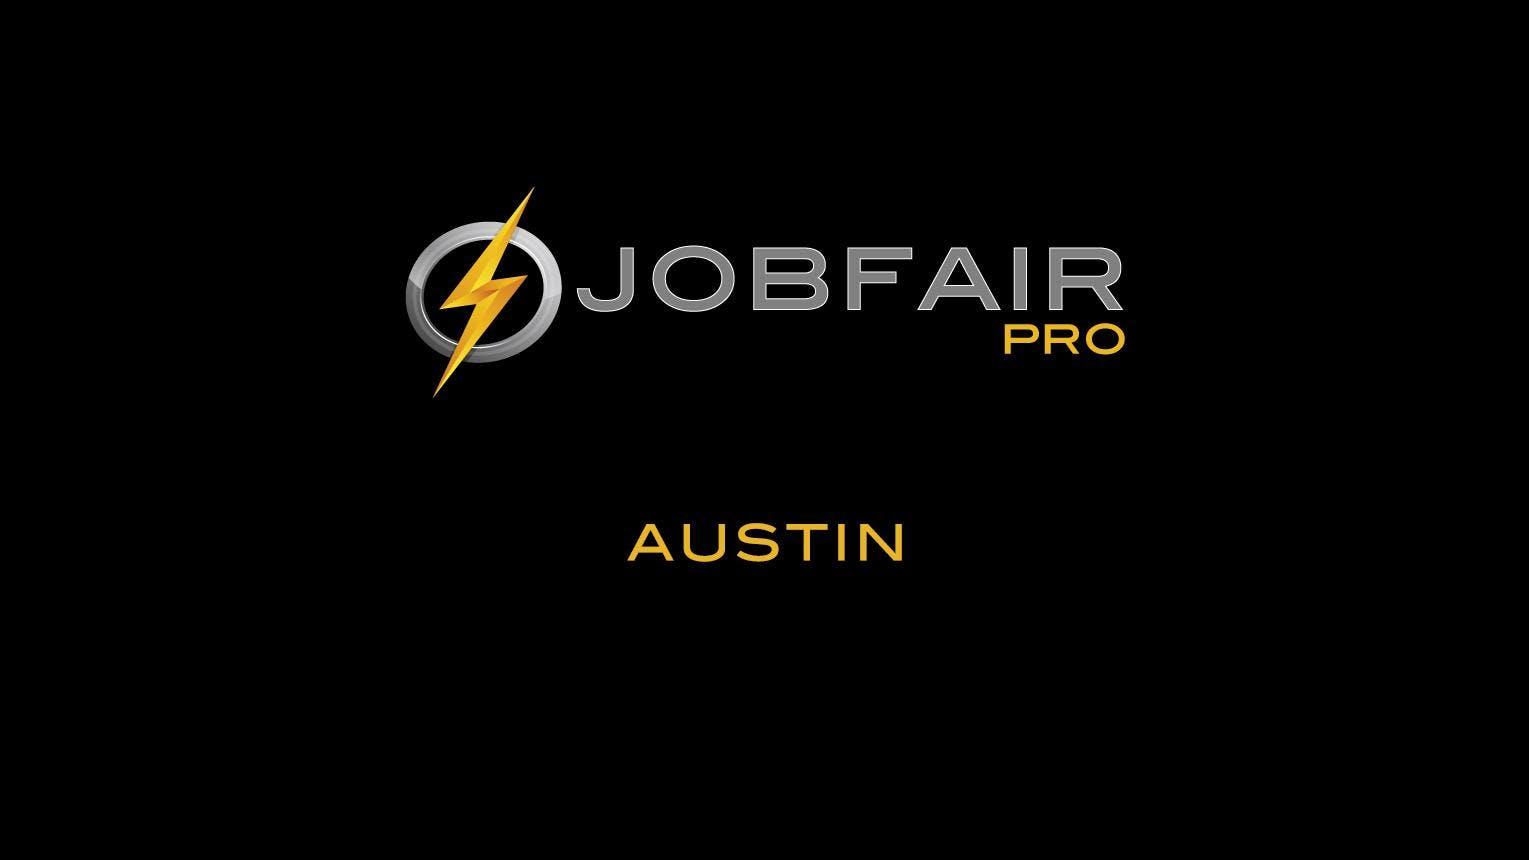 Austin Job Fair Get Hired In Austin Texas 10 Jan 2019